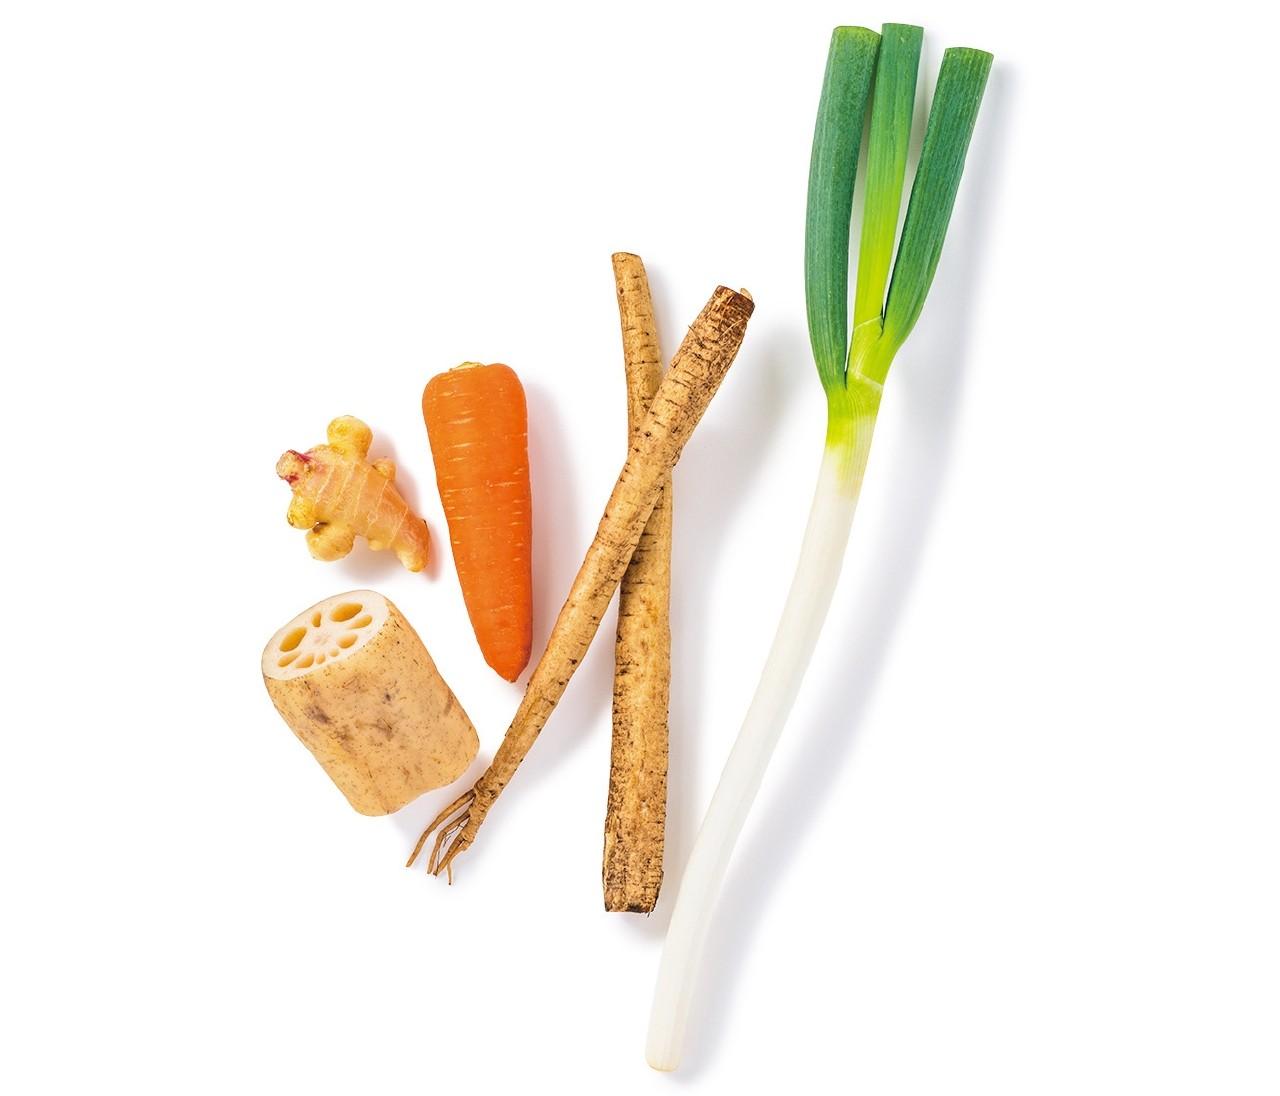 【温活テク】インナーケアは野菜&調味料を味方に温め力推進!